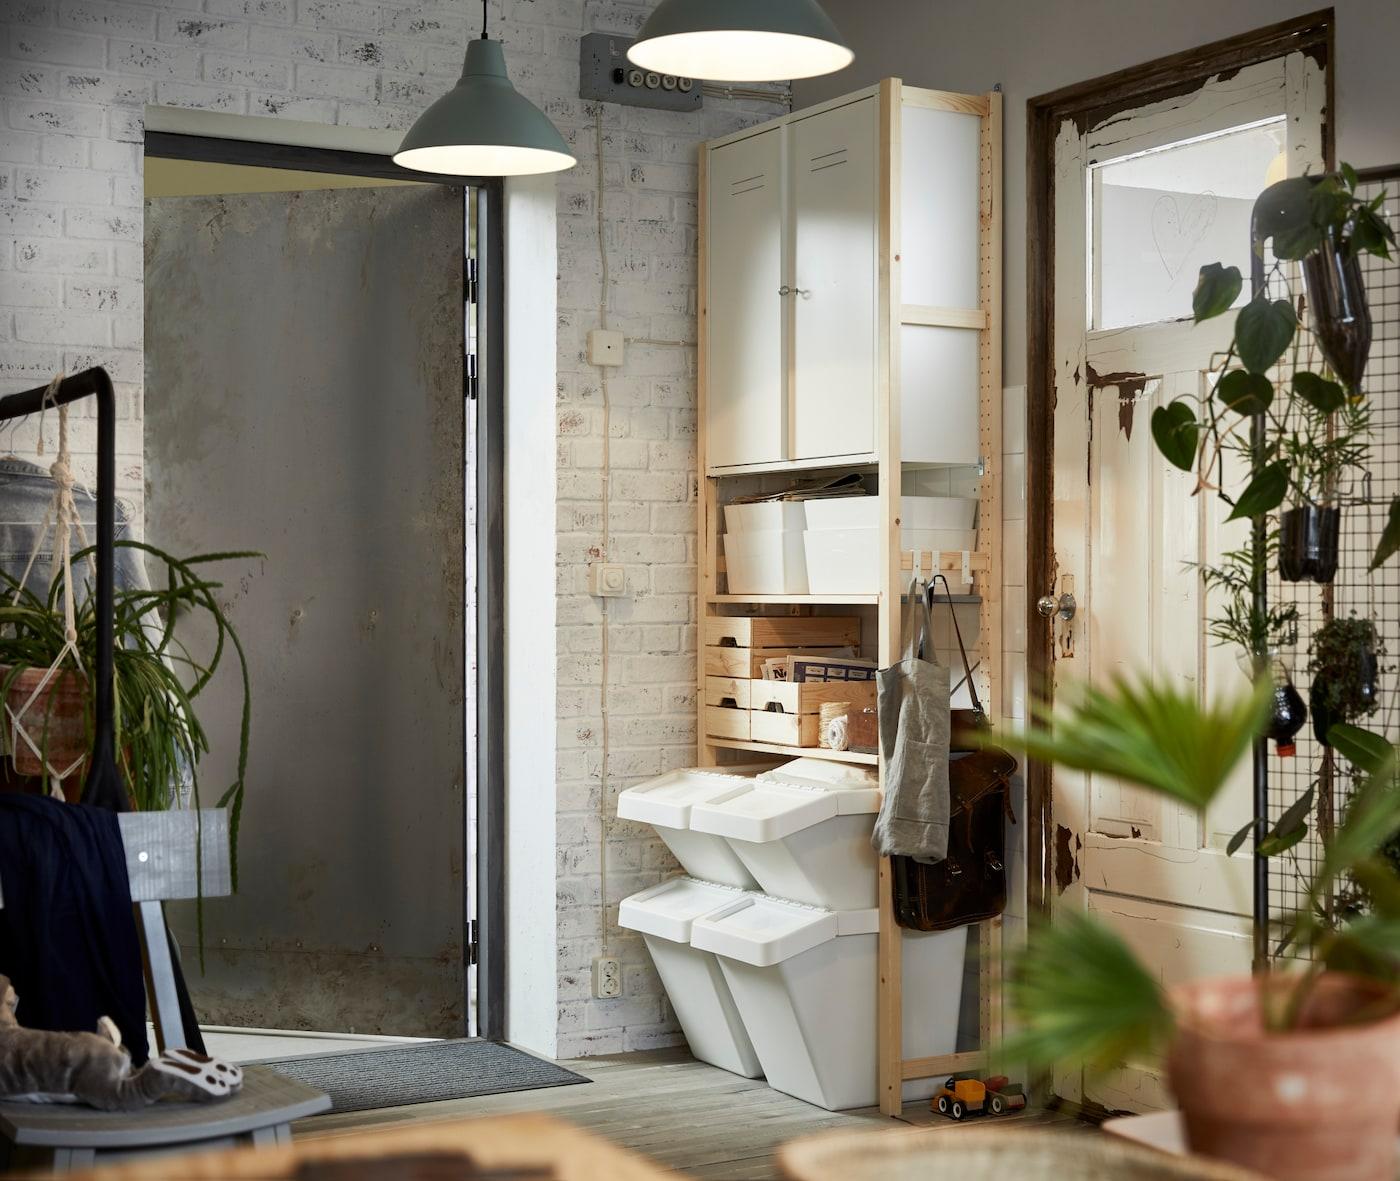 Keller mit weißem Kellerschrank aus Holz, grauer Kellertür & grünen Pflanzen.